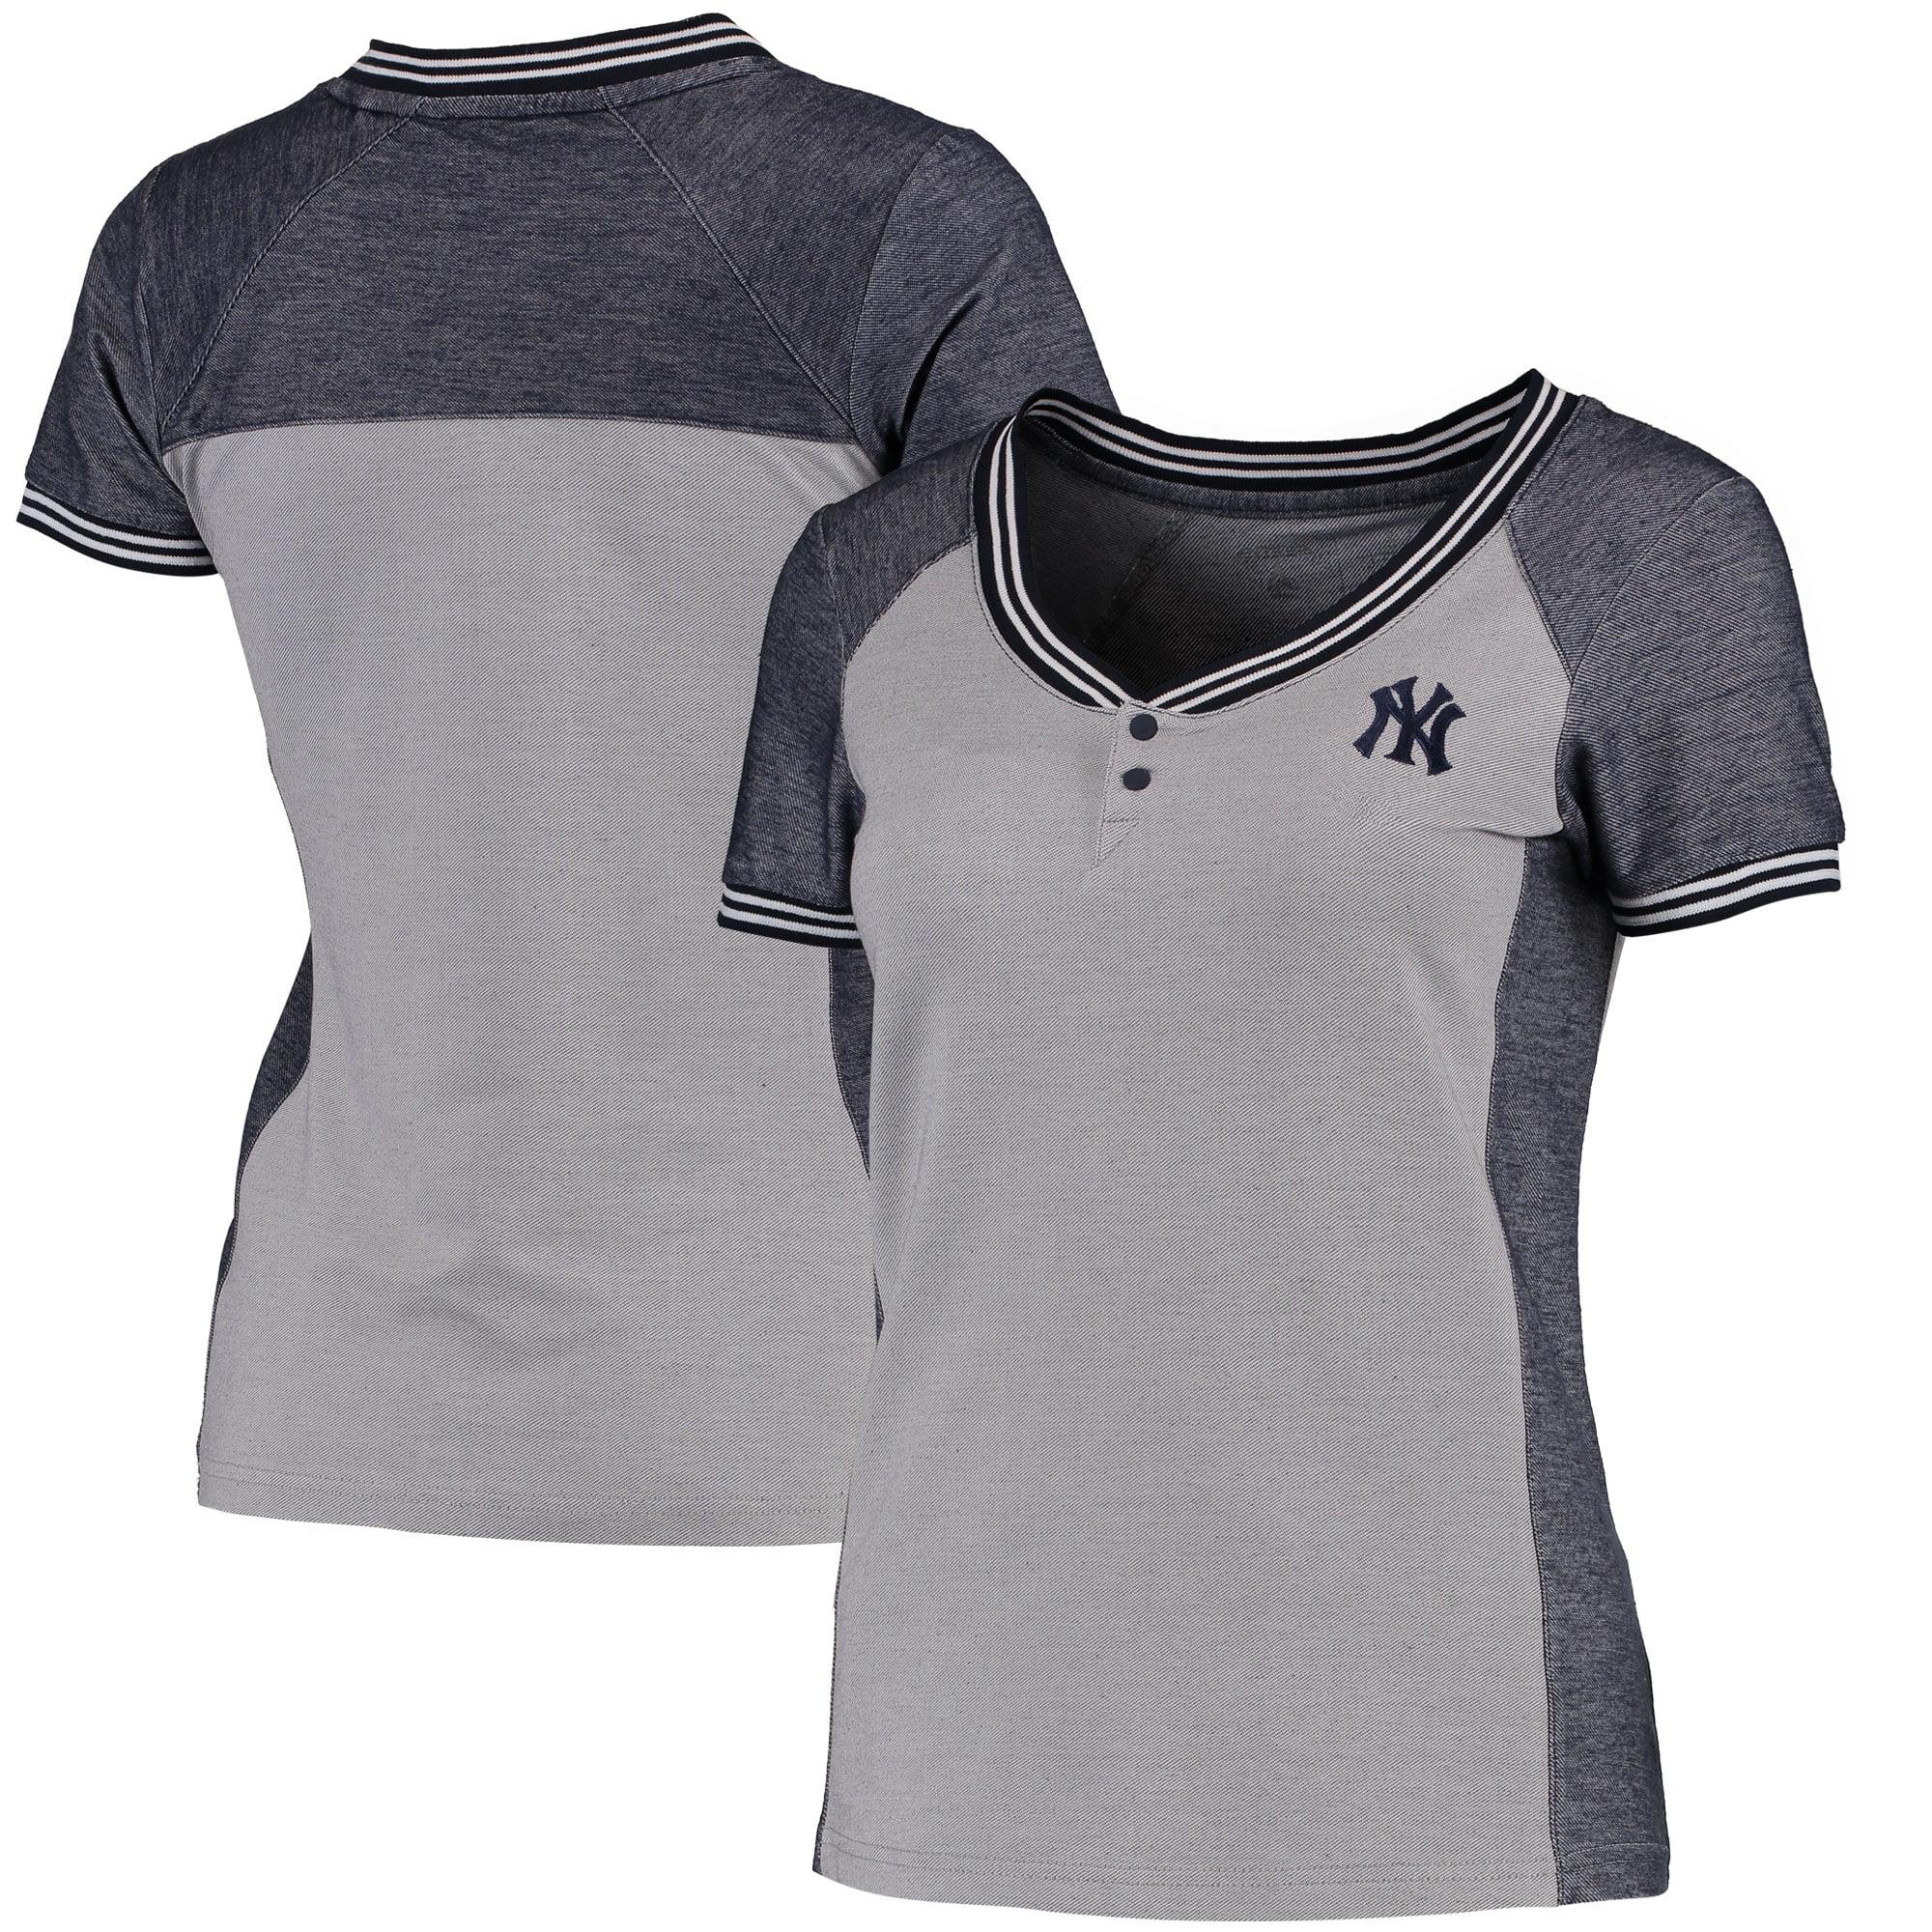 New York Yankees Antigua Women's Quick Henley T-Shirt - Gray/Navy